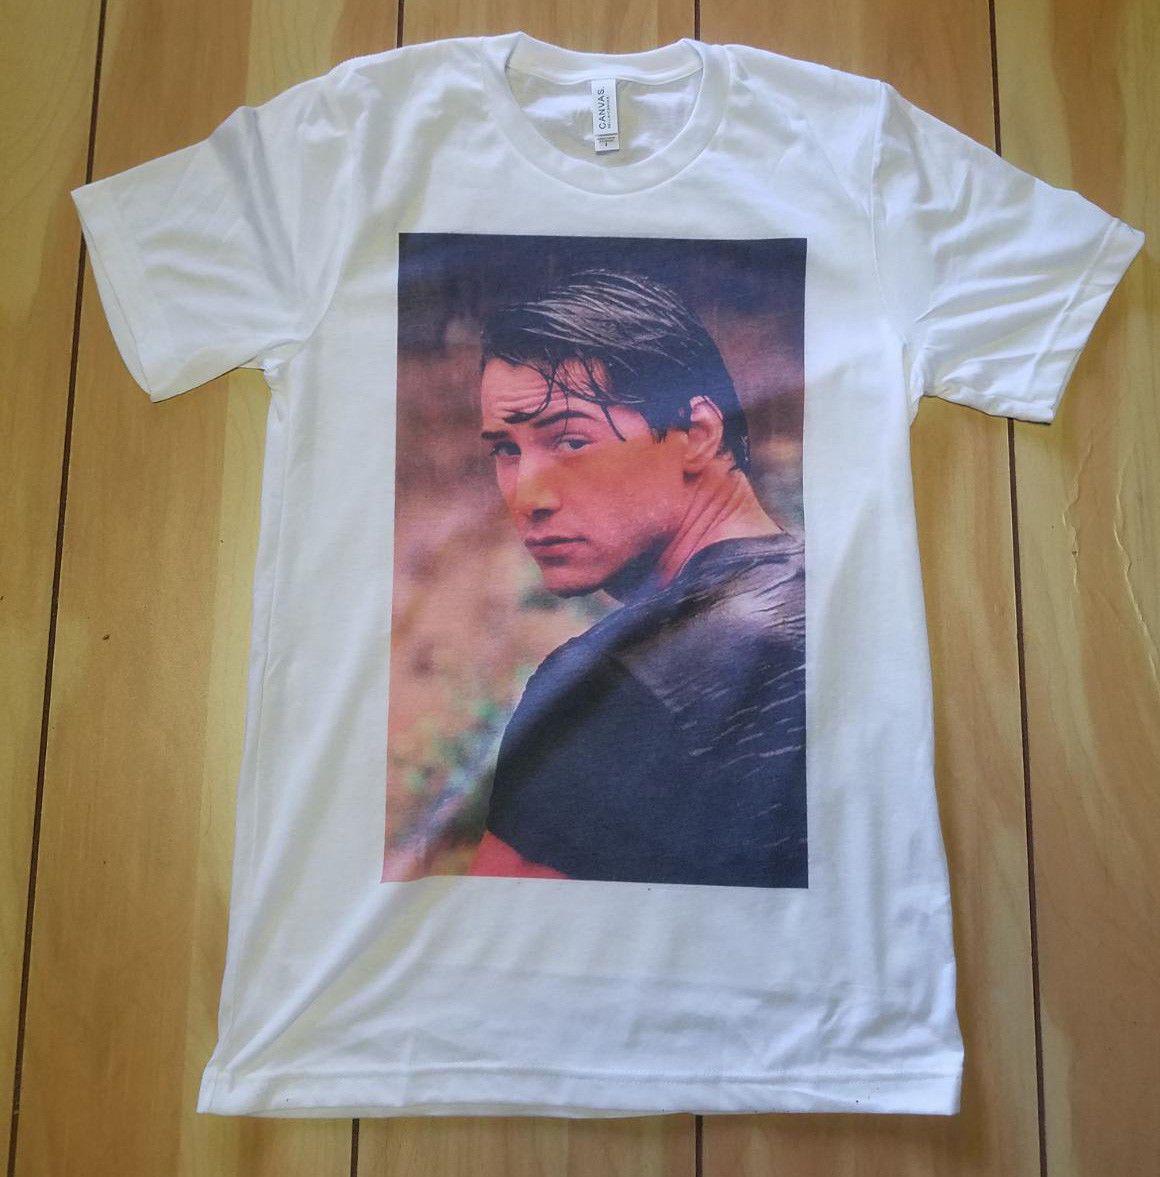 Xl Break Slim Foto Soft Keanu Nueva L Xxl Camiseta Reeves S M Tees Point Fit Surf Personalizada iukZXPOT